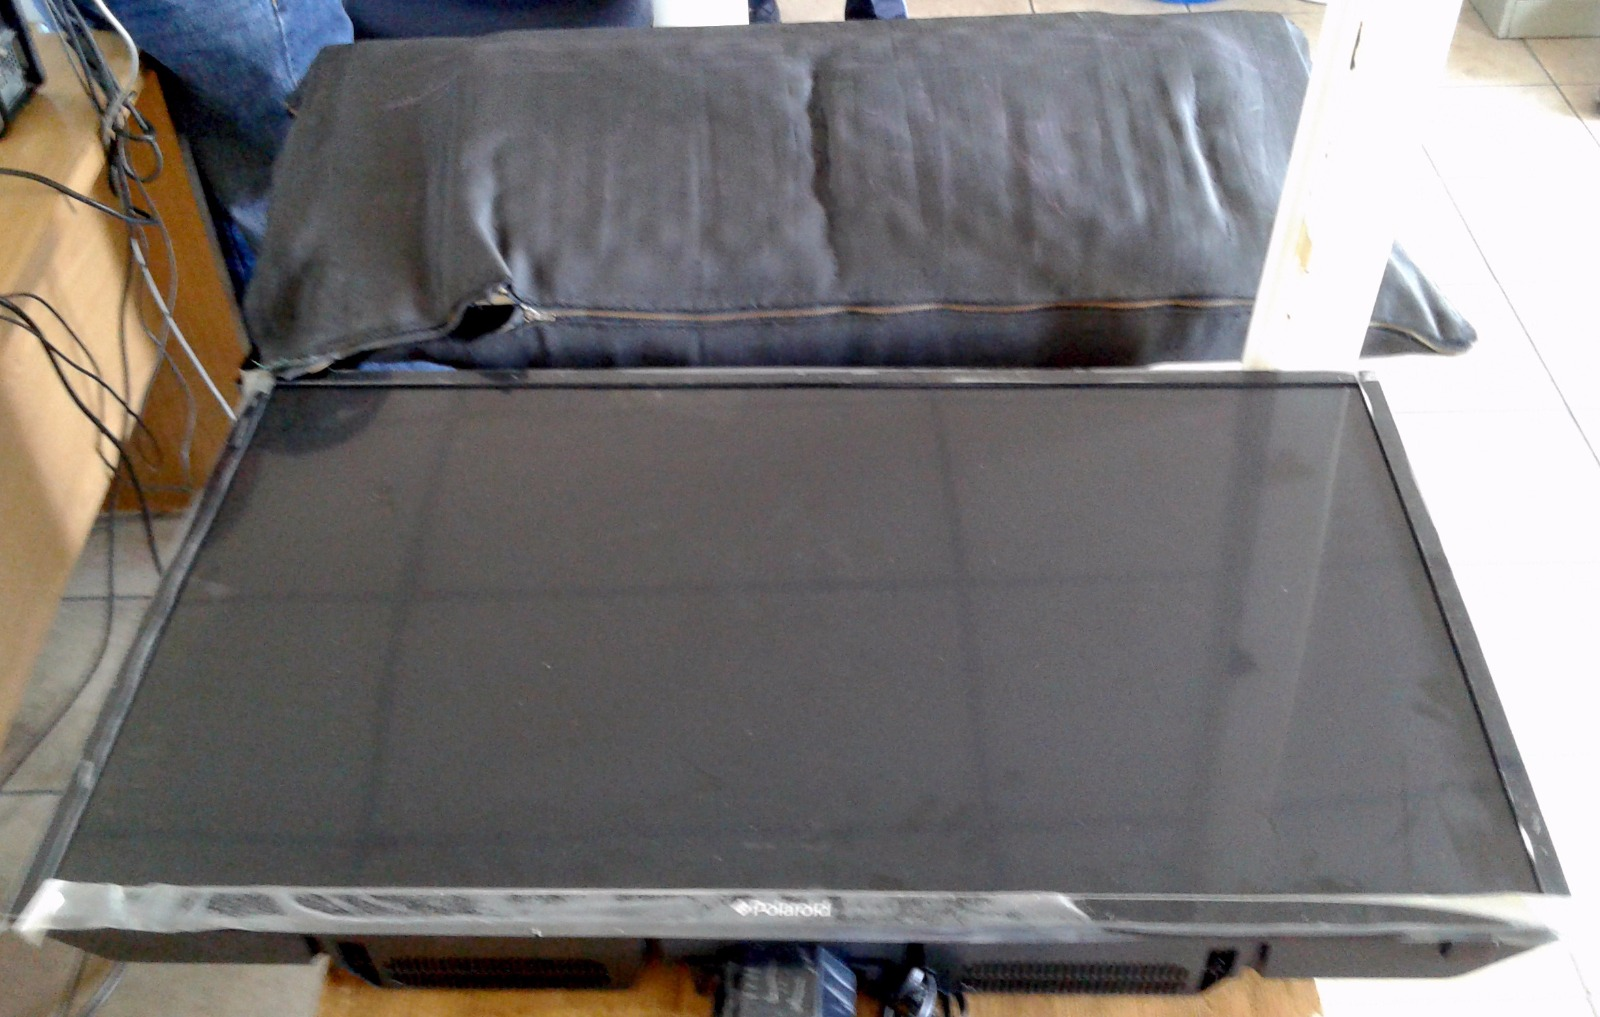 Cae tras robar una laptop en la colonia Volcanes